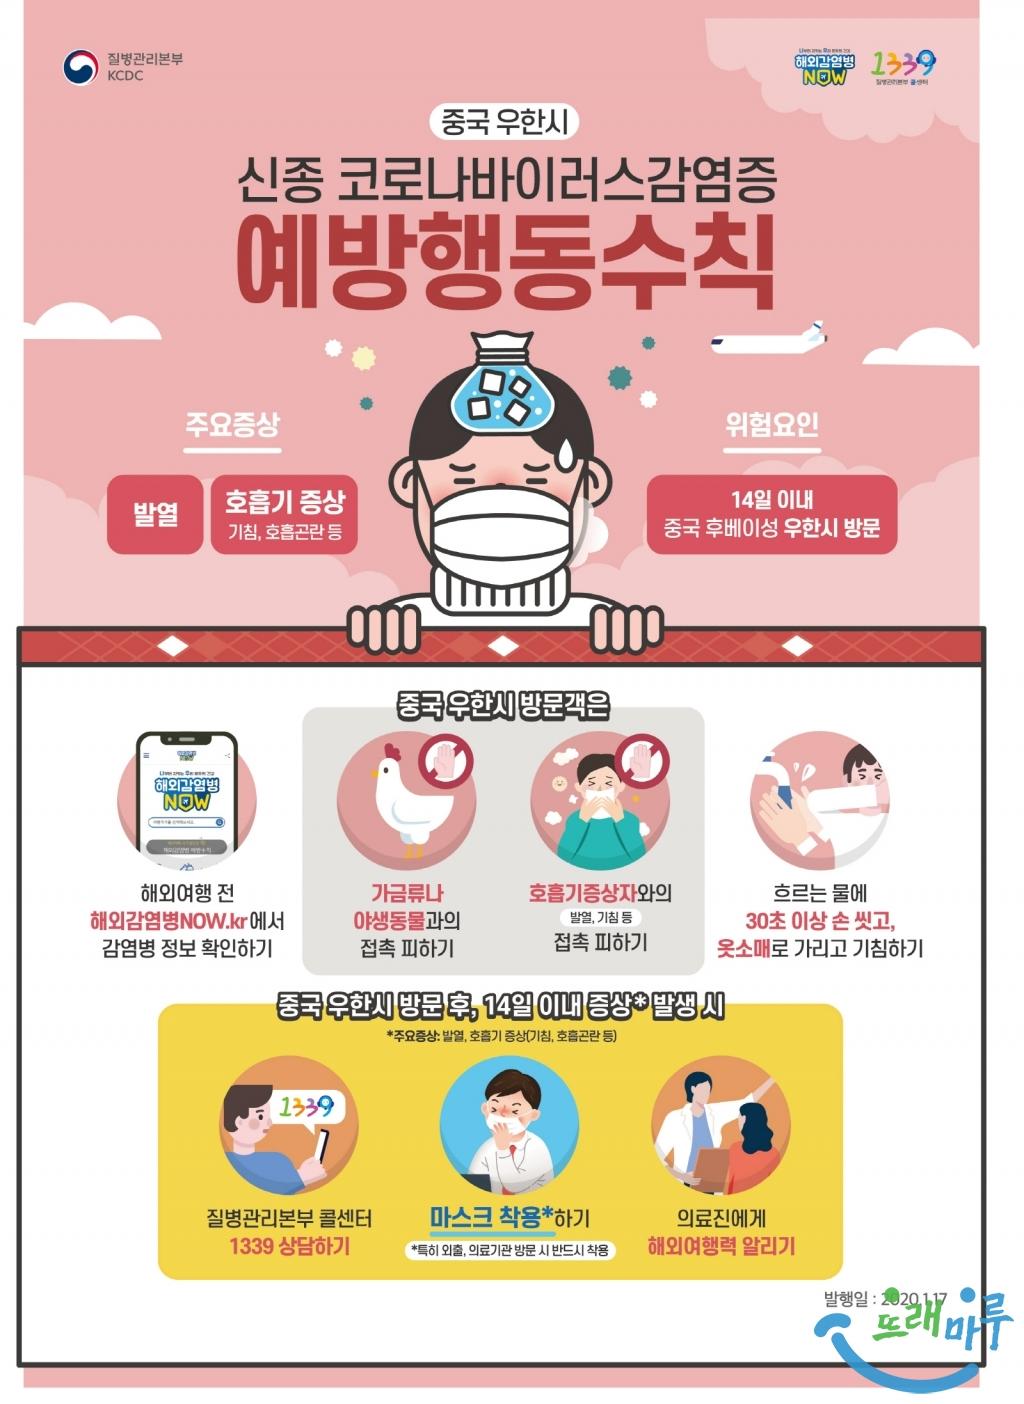 4. 신종 코로나바이러스감염증 예방행동수칙.jpg